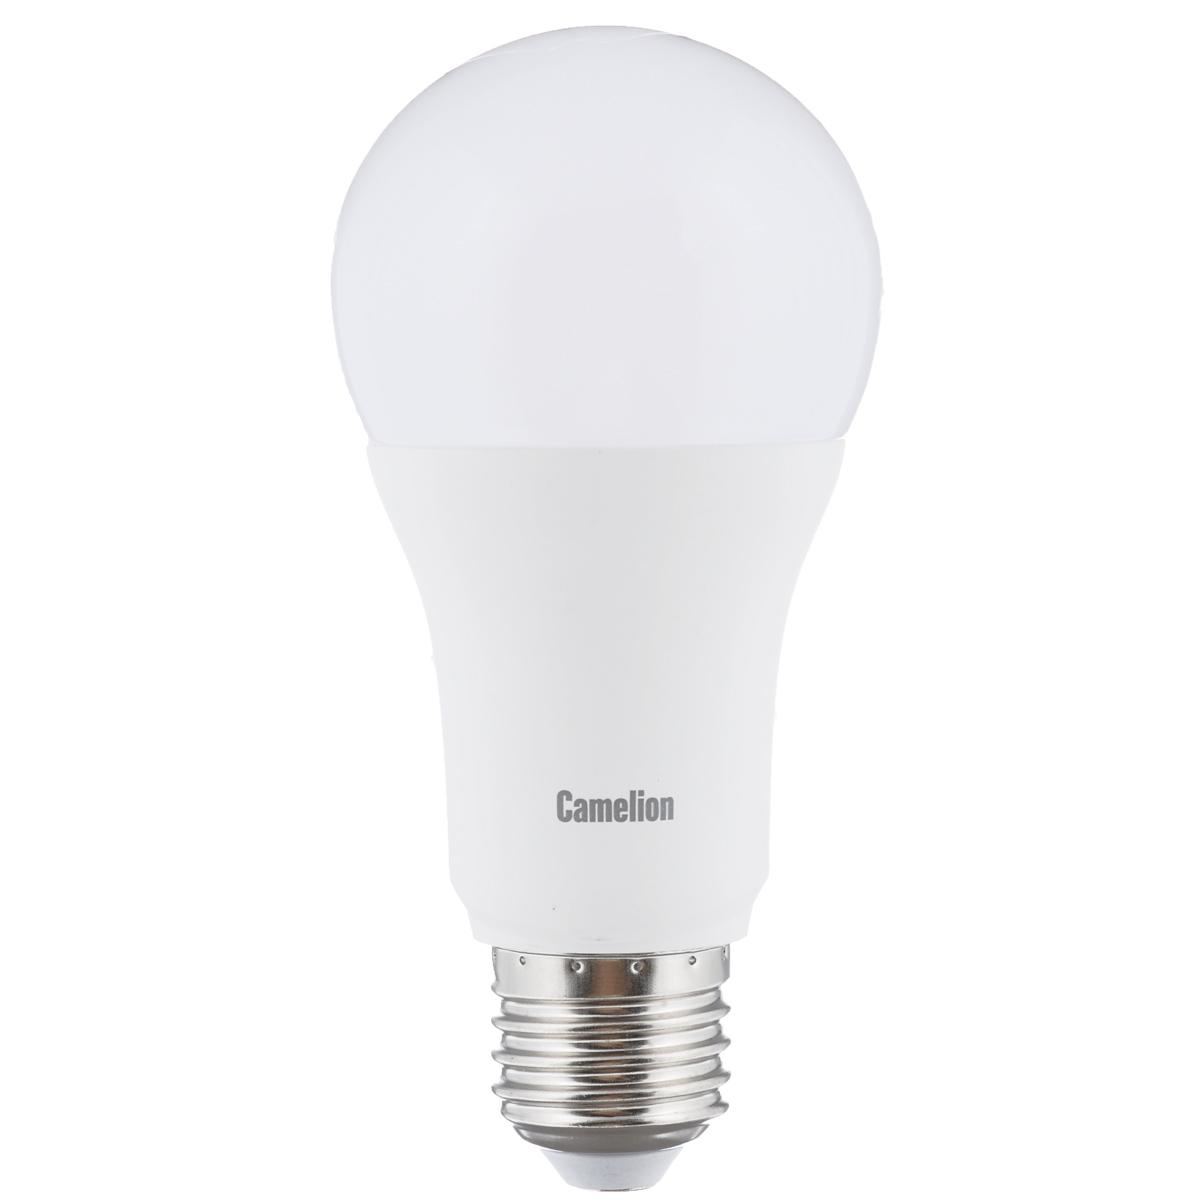 Светодиодная лампа Camelion Led Ultra, теплый свет, цоколь E27, 12 WLksm_LED5wGL45E1445Светодиодная рефлекторная лампа Camelion Led Ultra применяется для замены энергосберегающей лампы или лампы накаливания в точечных и направленных источниках света. При этом она сэкономит ваши деньги за счет минимального потребления электроэнергии и долгого срока службы. Так же эта лампа обладает высоким индексом цветопередачи и не мерцает, что делает ее свет комфортным для глаз. Нагрев LED лампы минимален, что позволяет использовать ее в натяжных потолках и других конструкциях, требовательных к температурному режиму. При производстве светодиодных ламп не используются вредные вещества, в том числе ртуть, поэтому не требует утилизации. Рабочий диапазон напряжений - 220-240В / 50Гц. Индекс цветопередачи: 77+.Угол светового луча: 240°.Коэффициент пульсации освещенности (Кп): менее 1%.